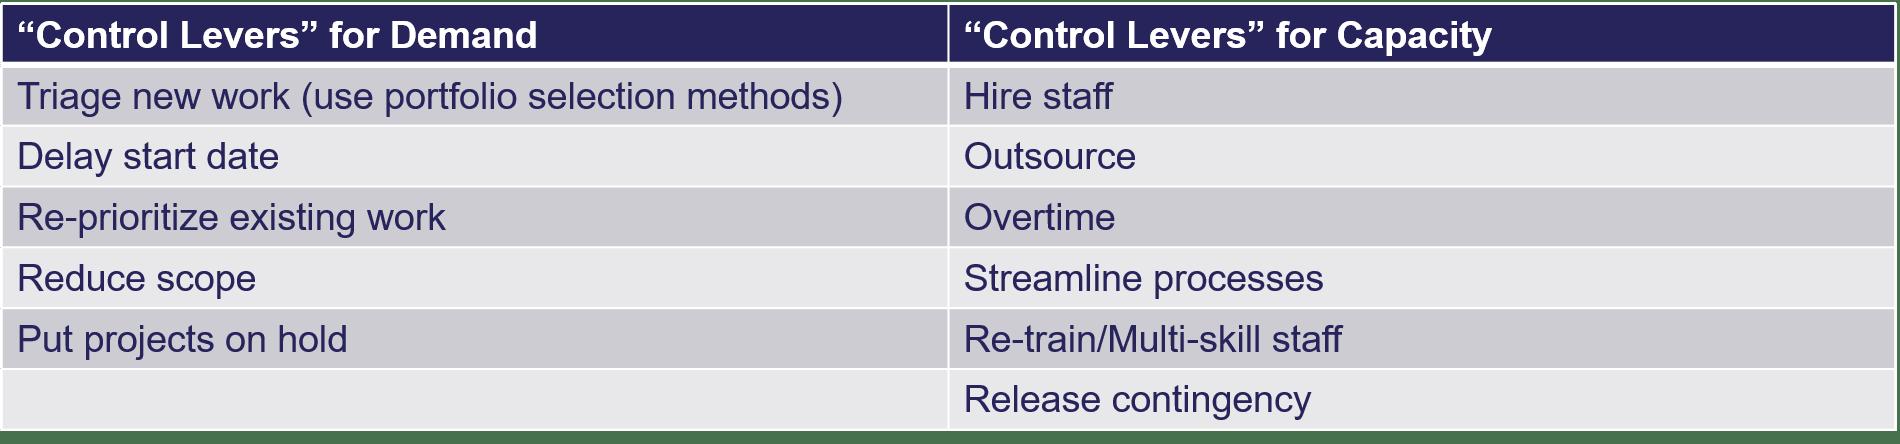 Control Levers Demand vs Capacity